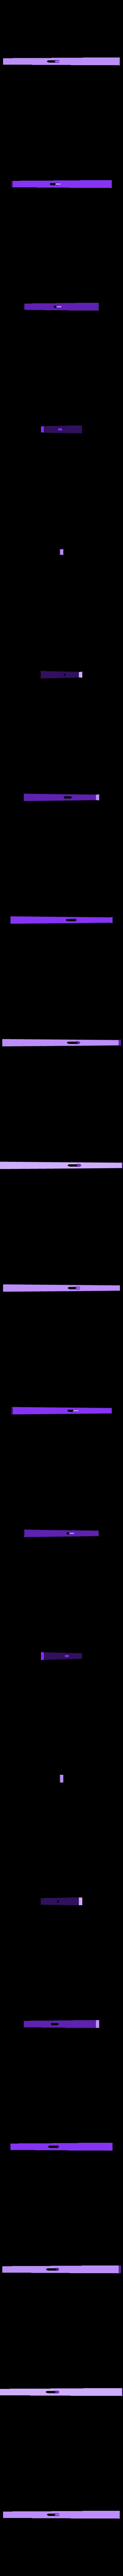 fin_spar.stl Télécharger fichier STL gratuit Crazy Wild Ellipse Wing (expérimental) • Modèle imprimable en 3D, wersy